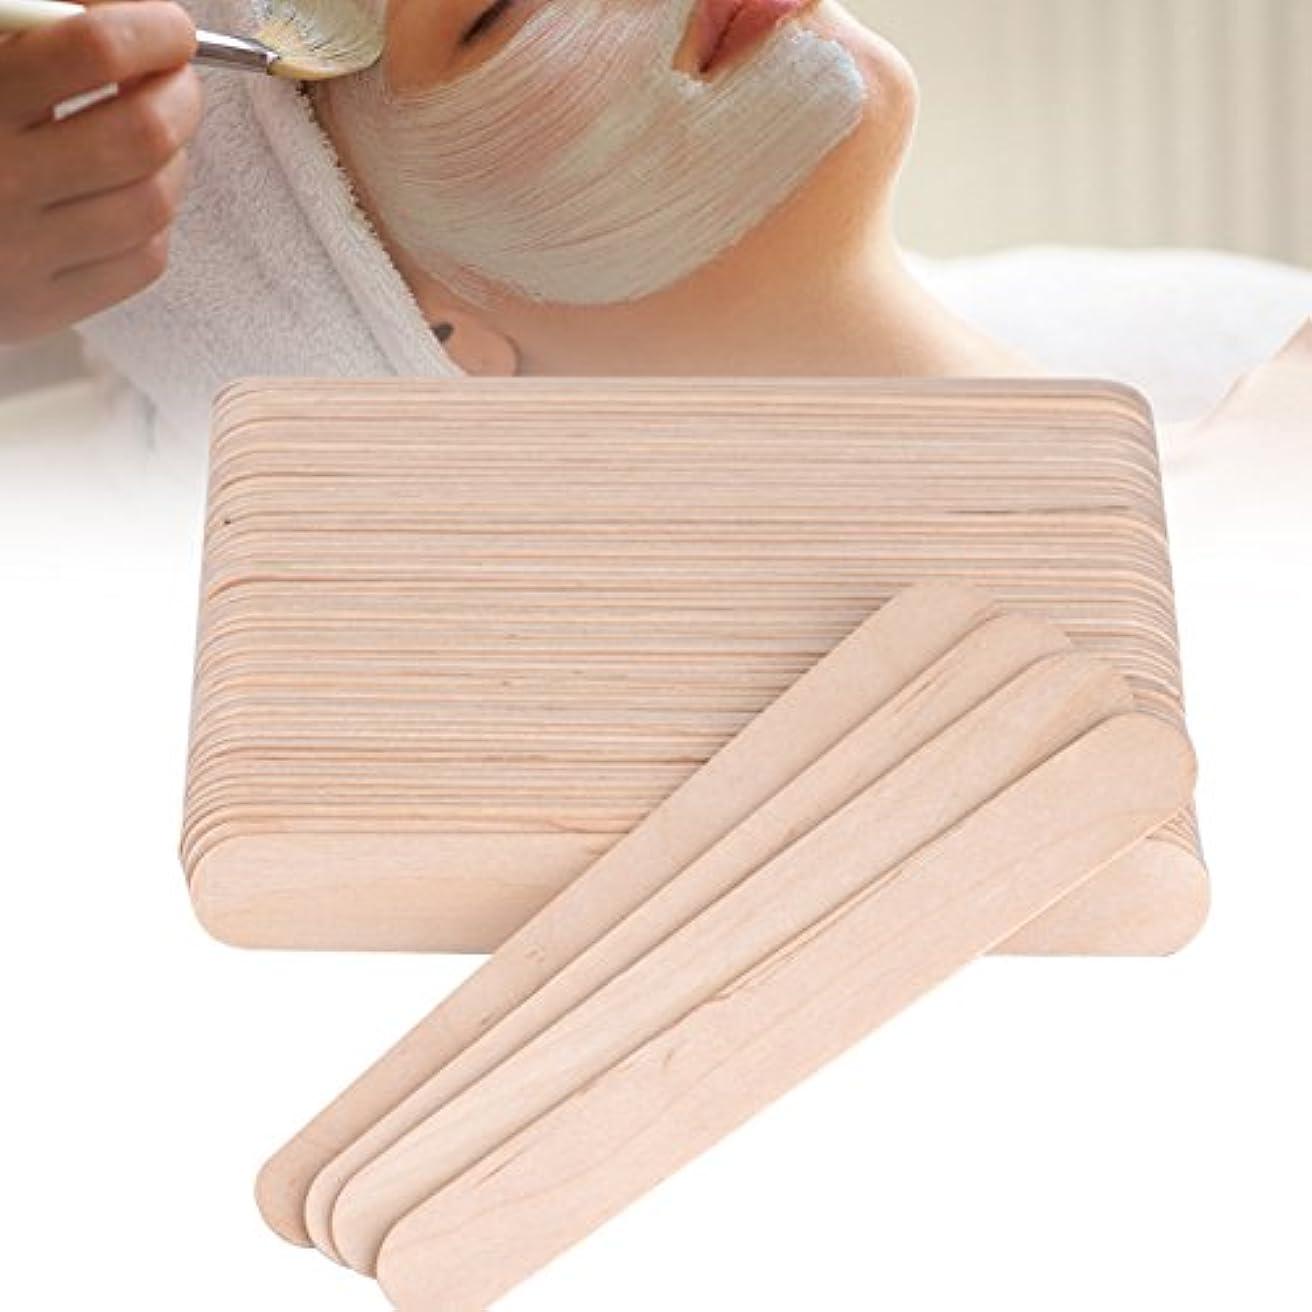 ブローゲーム岸舌圧子ワックススティックスパチュラアプリケーター木製スパチュラ使い捨て業務用木製 100PCS /バッグ